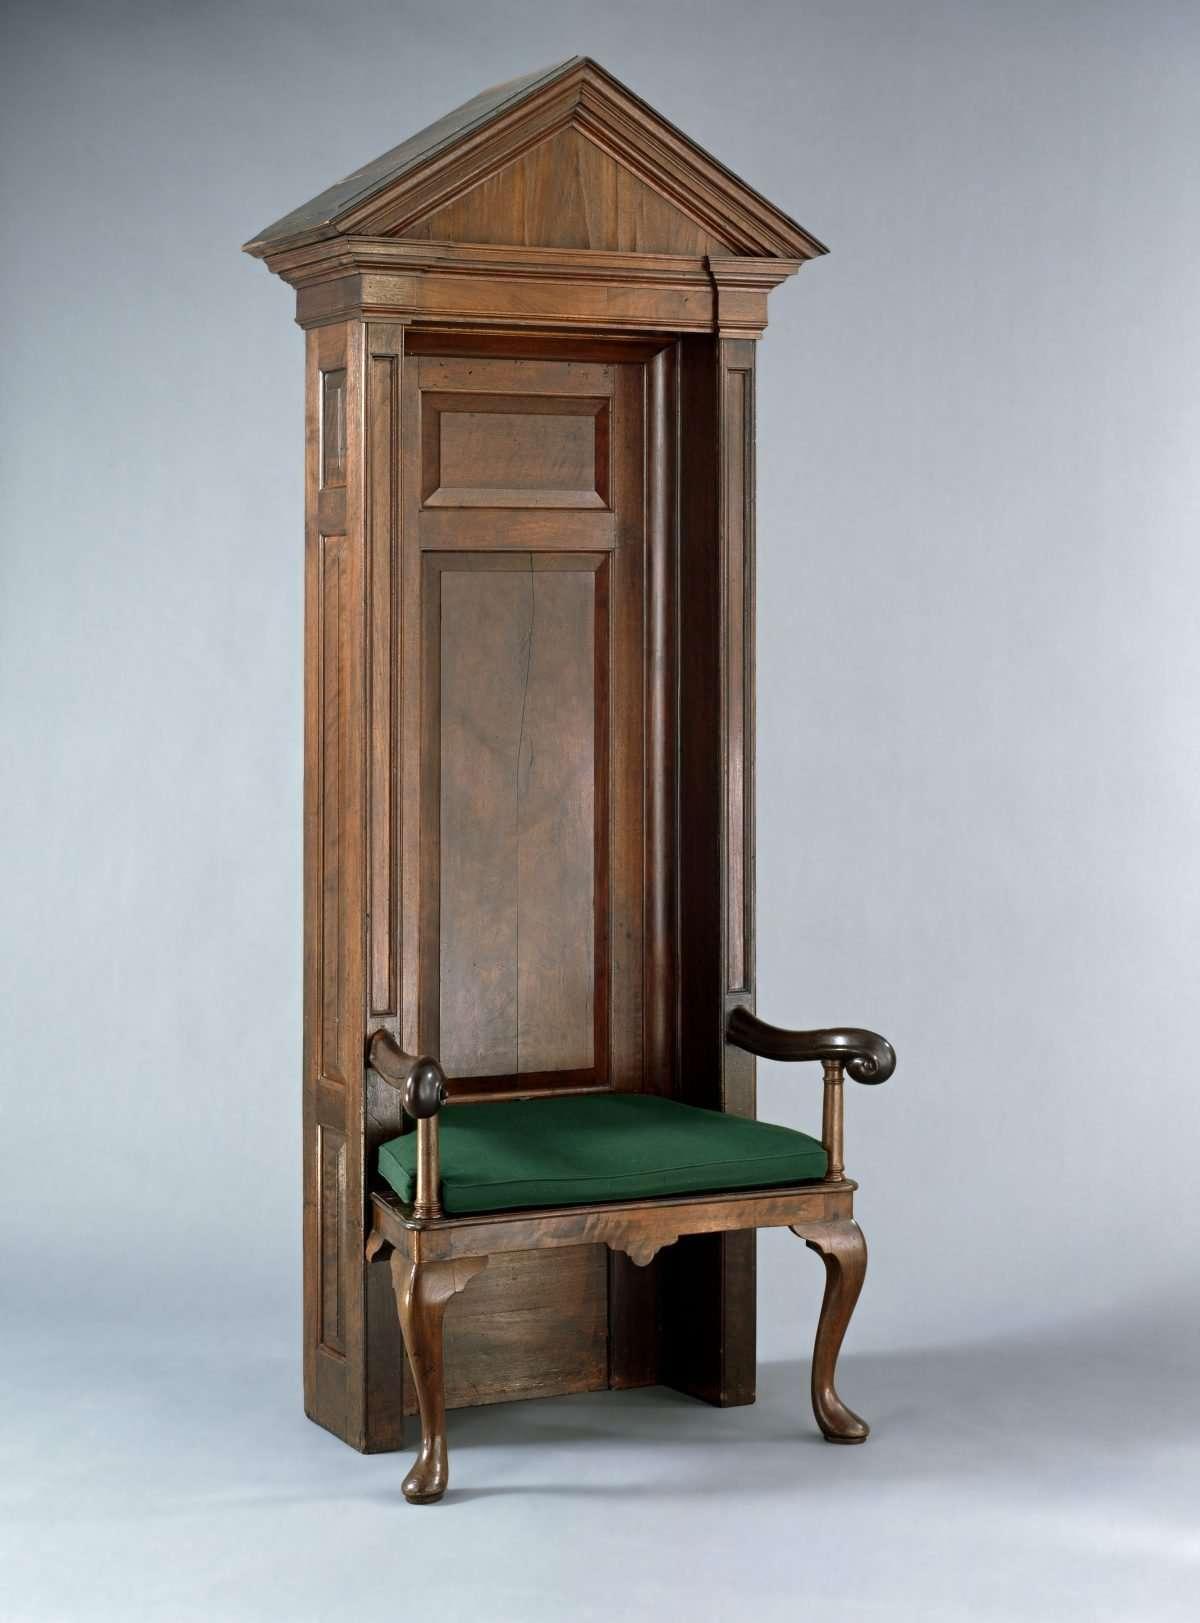 Speaker's Chair